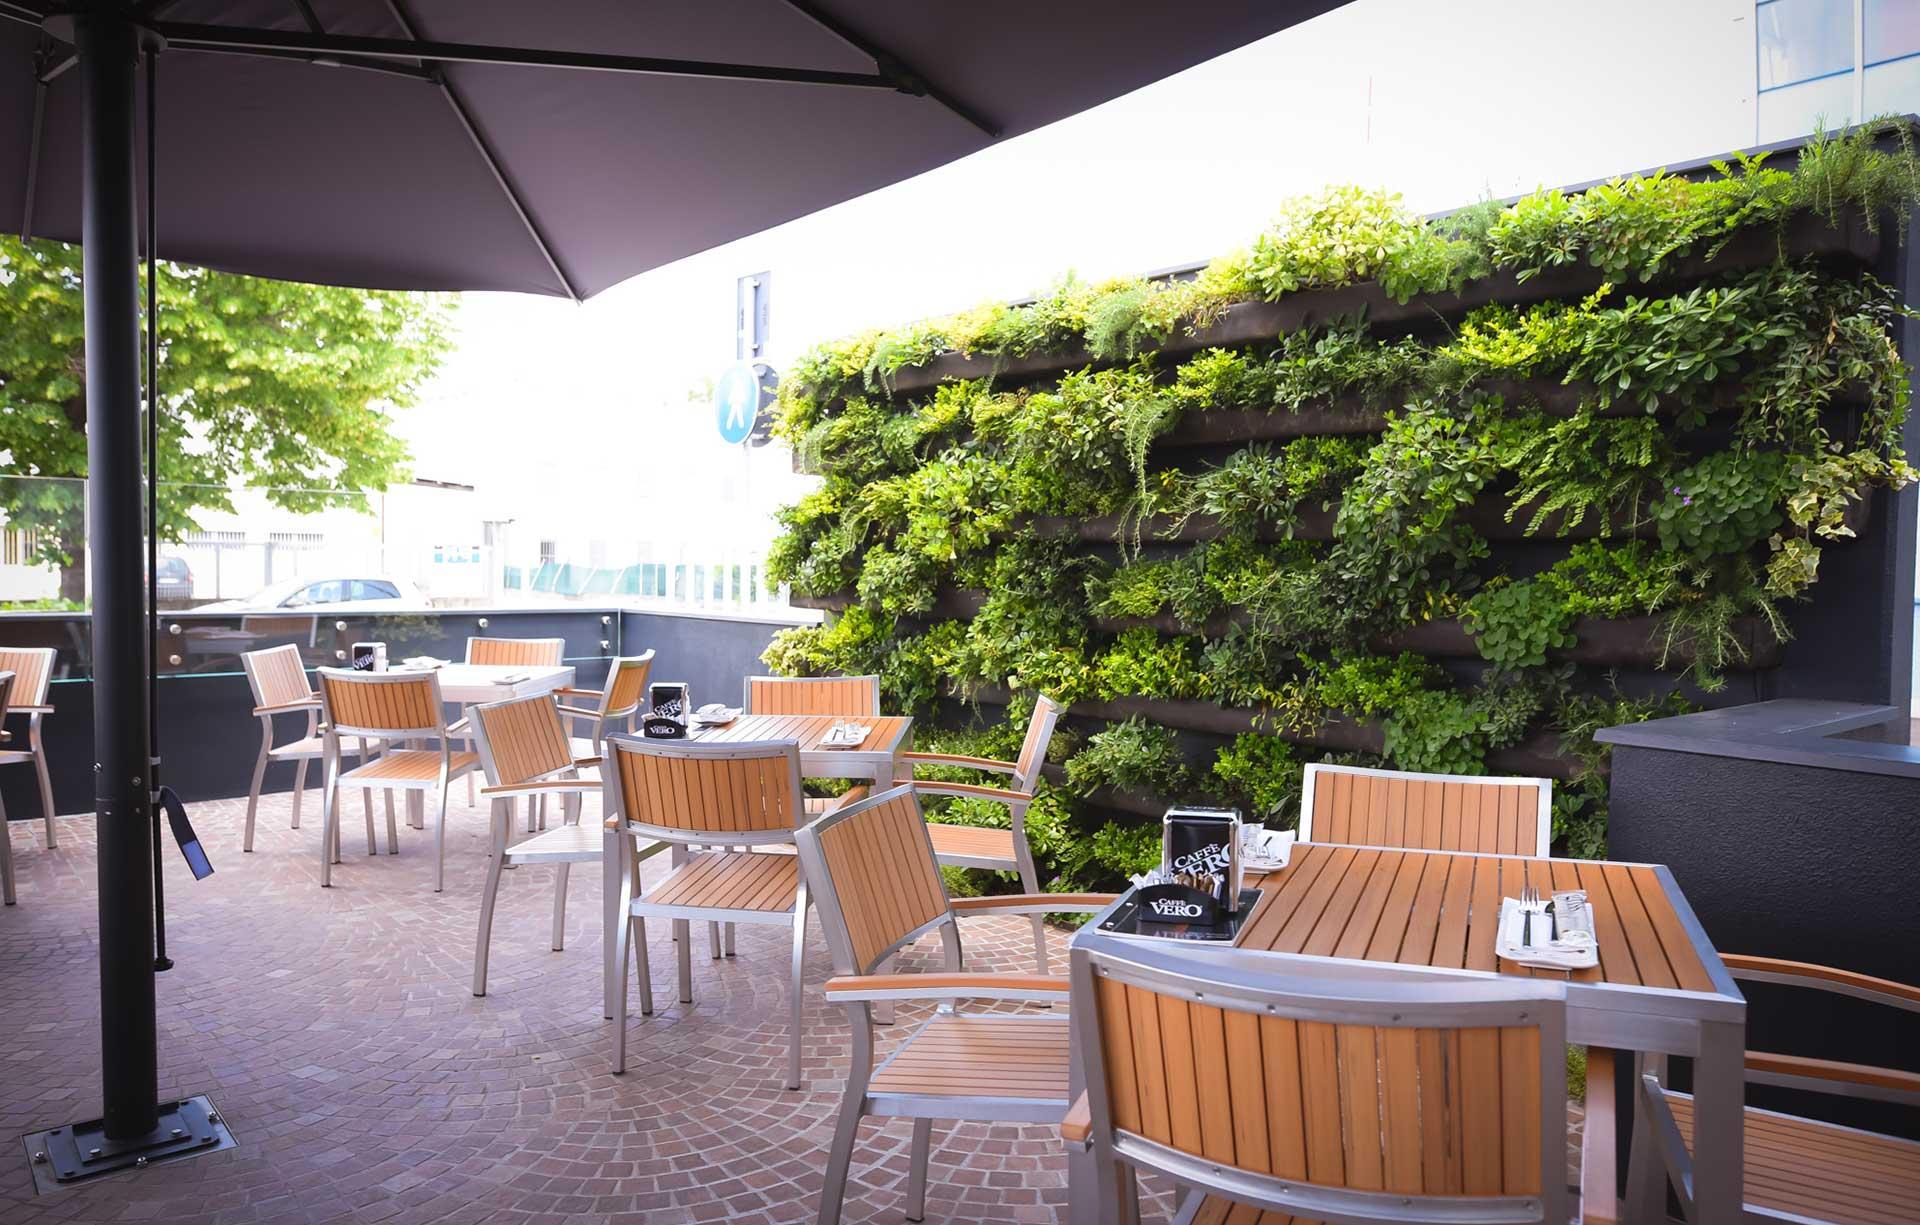 Ristorante caffetteria - Vicenza - Caffè Vero House